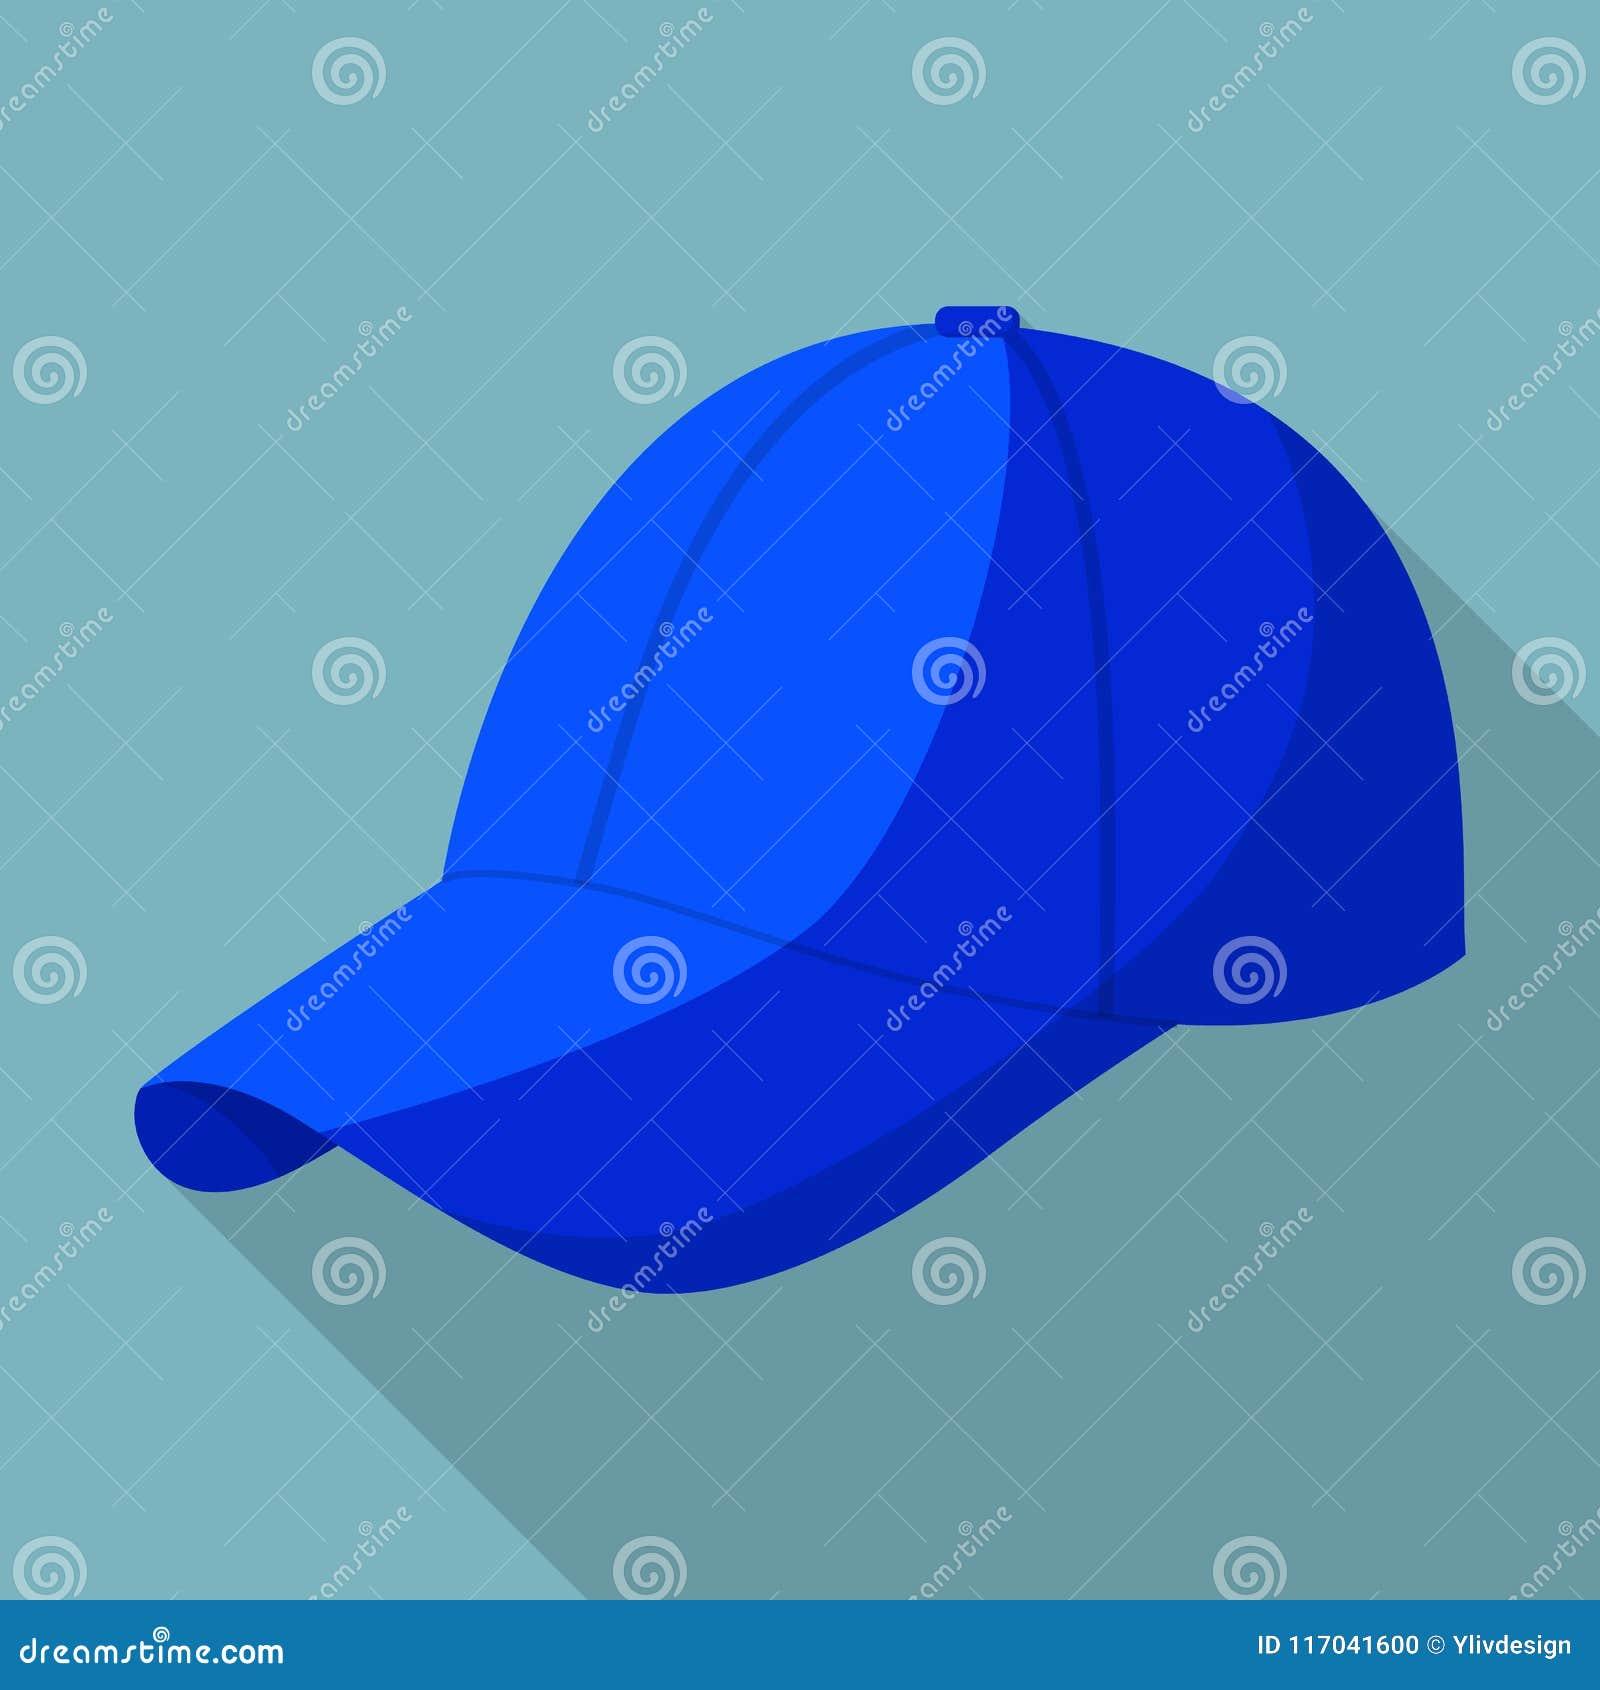 79684fac2c45 Icono Azul De La Gorra De Béisbol, Estilo Plano Ilustración del ...